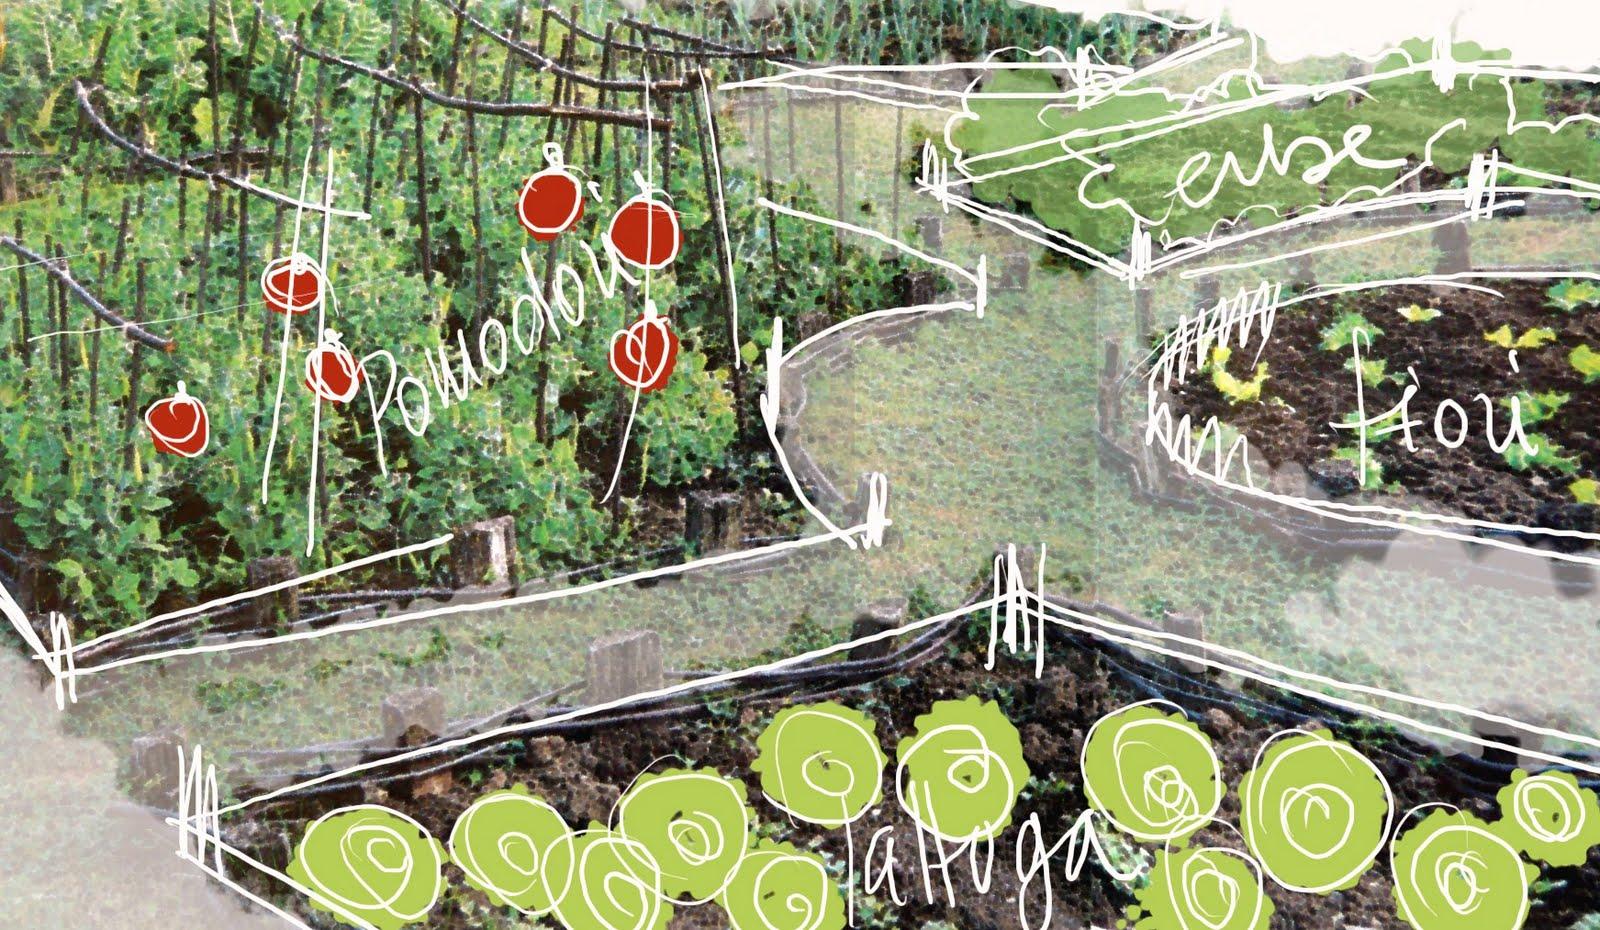 L 39 ortodimichelle il giardino per lavorare ovvero l 39 orto - L orto in giardino ...